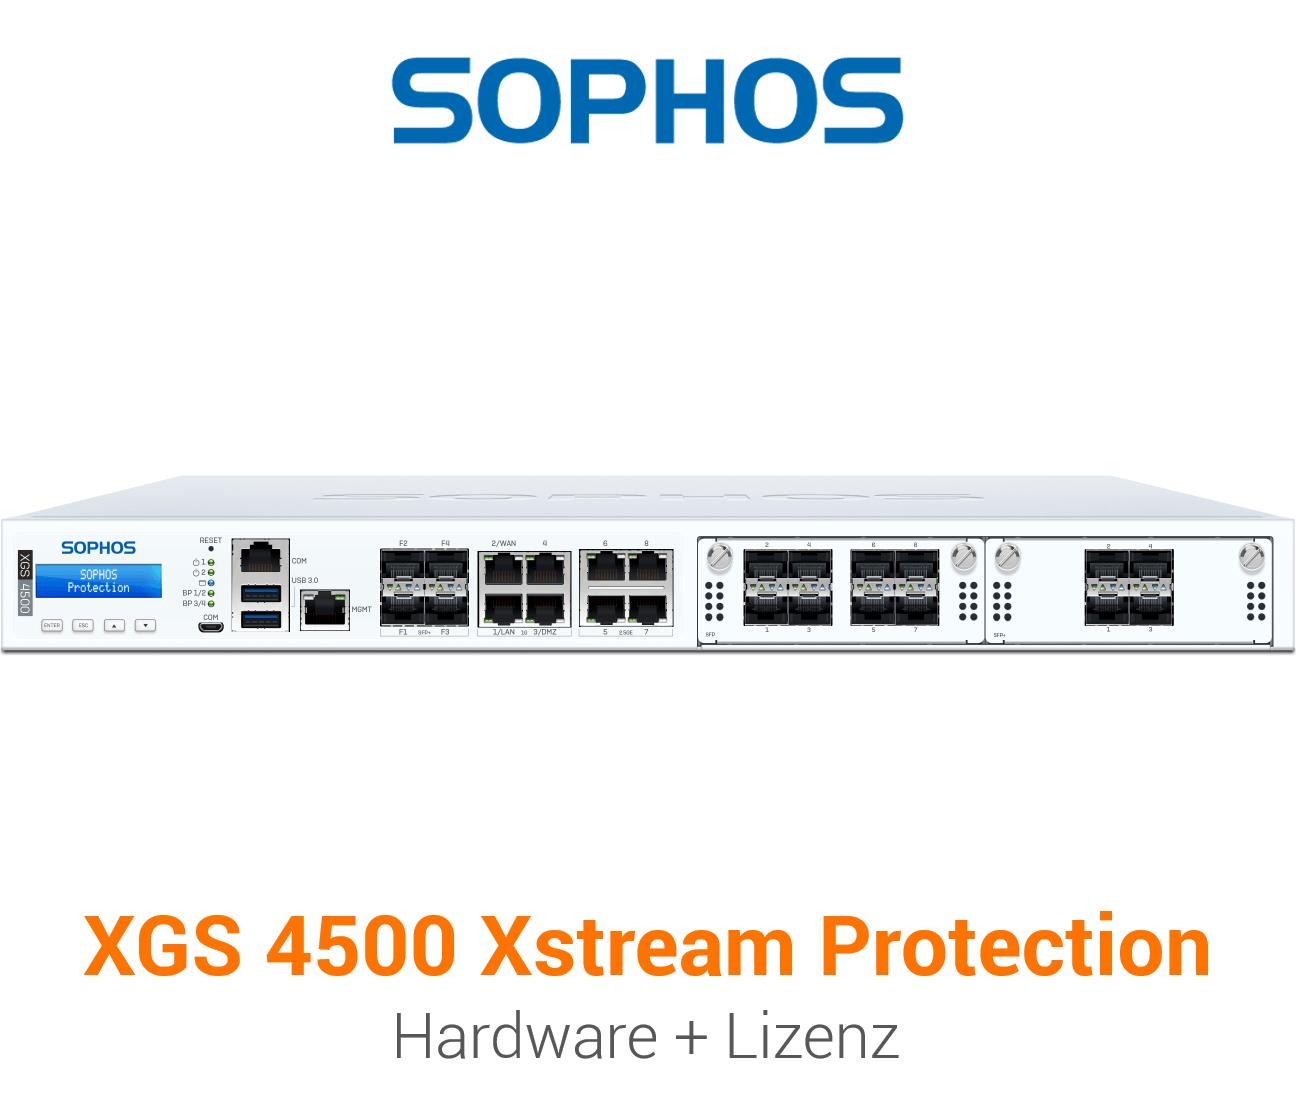 Sophos XGS 4500 mit Xstream Protection